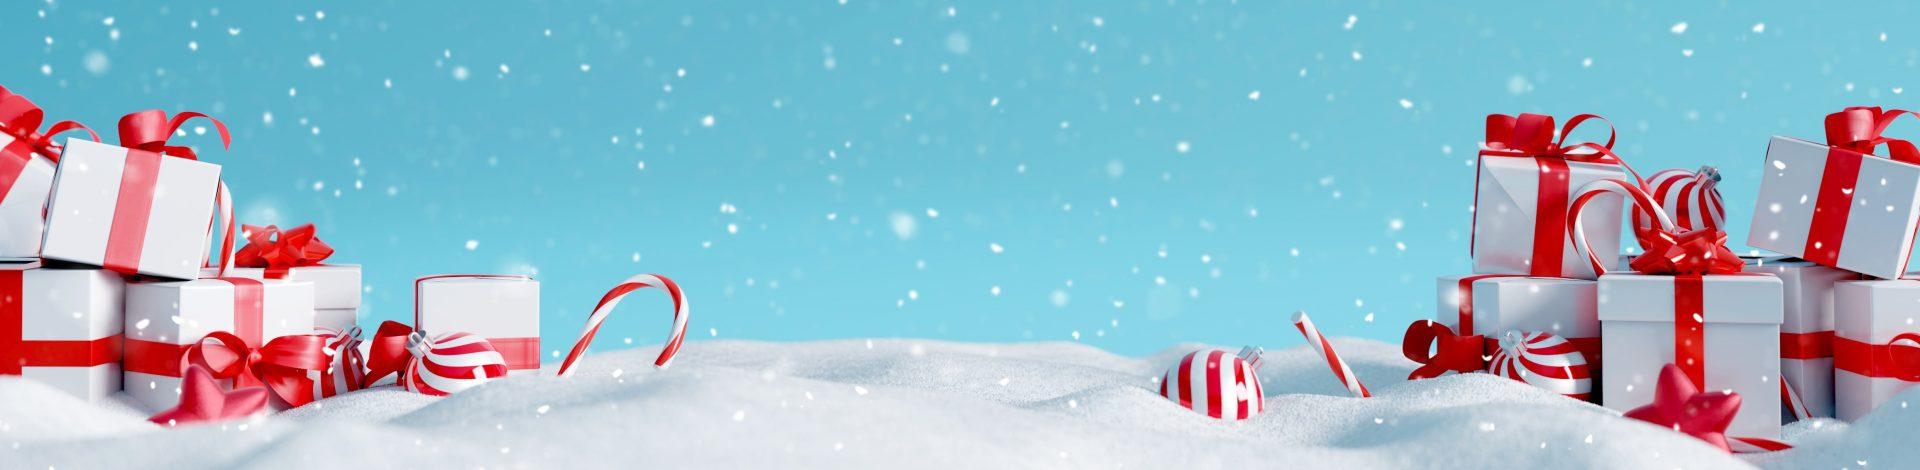 Winterlandschaft mit Geschenken